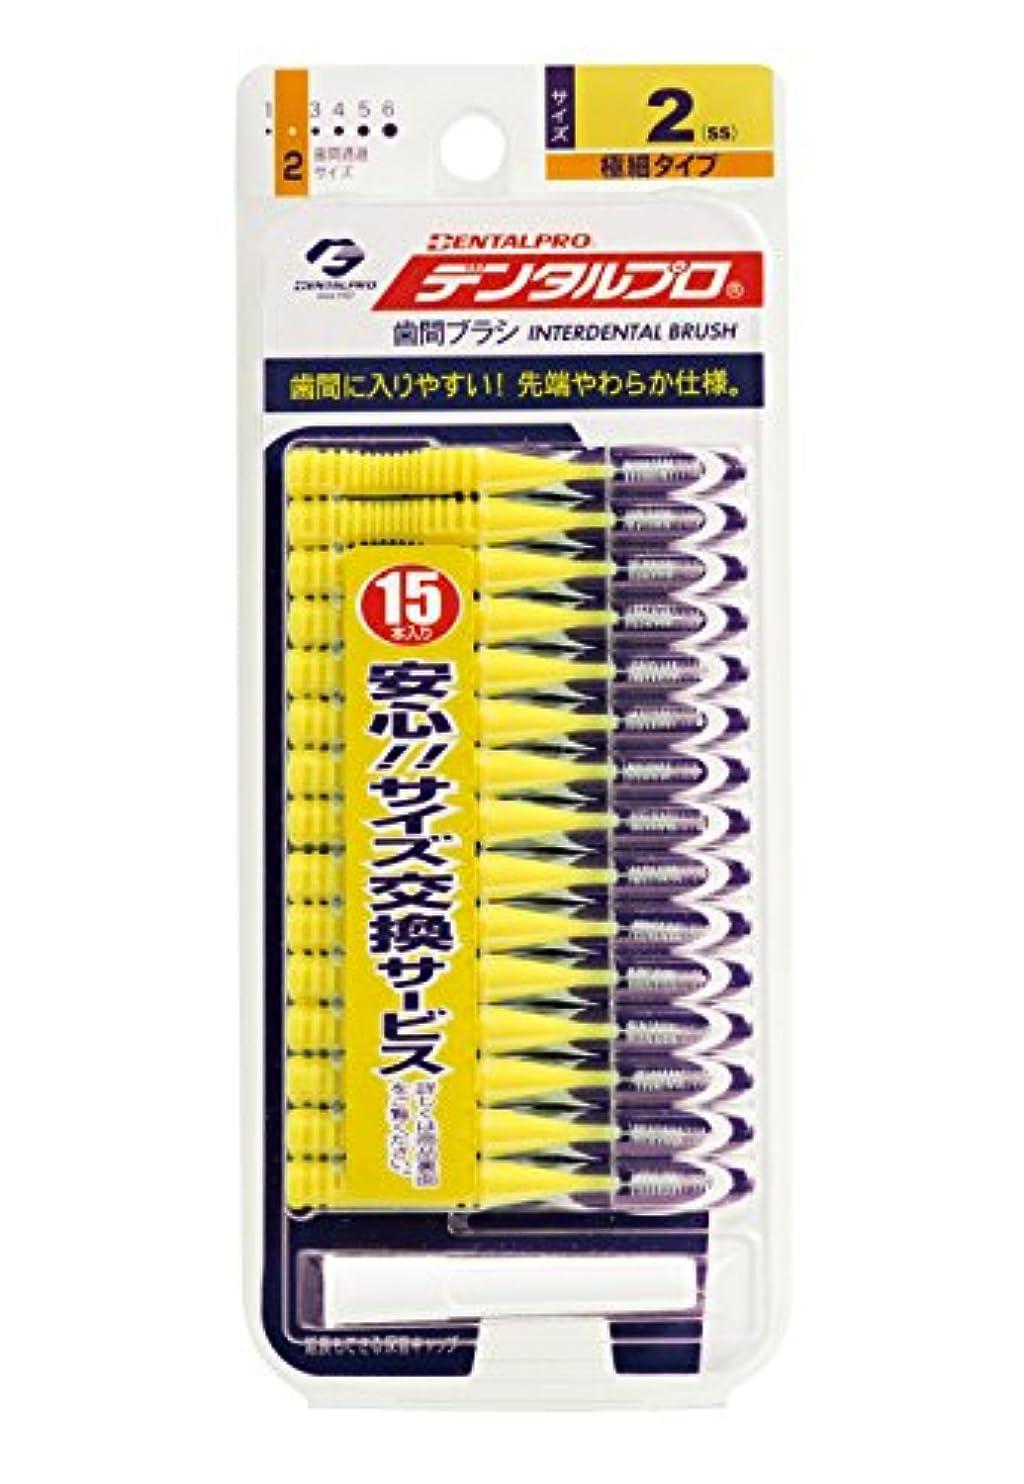 マット歌手言語学デンタルプロ 歯間ブラシ I字型サイズ2(SS) 15P